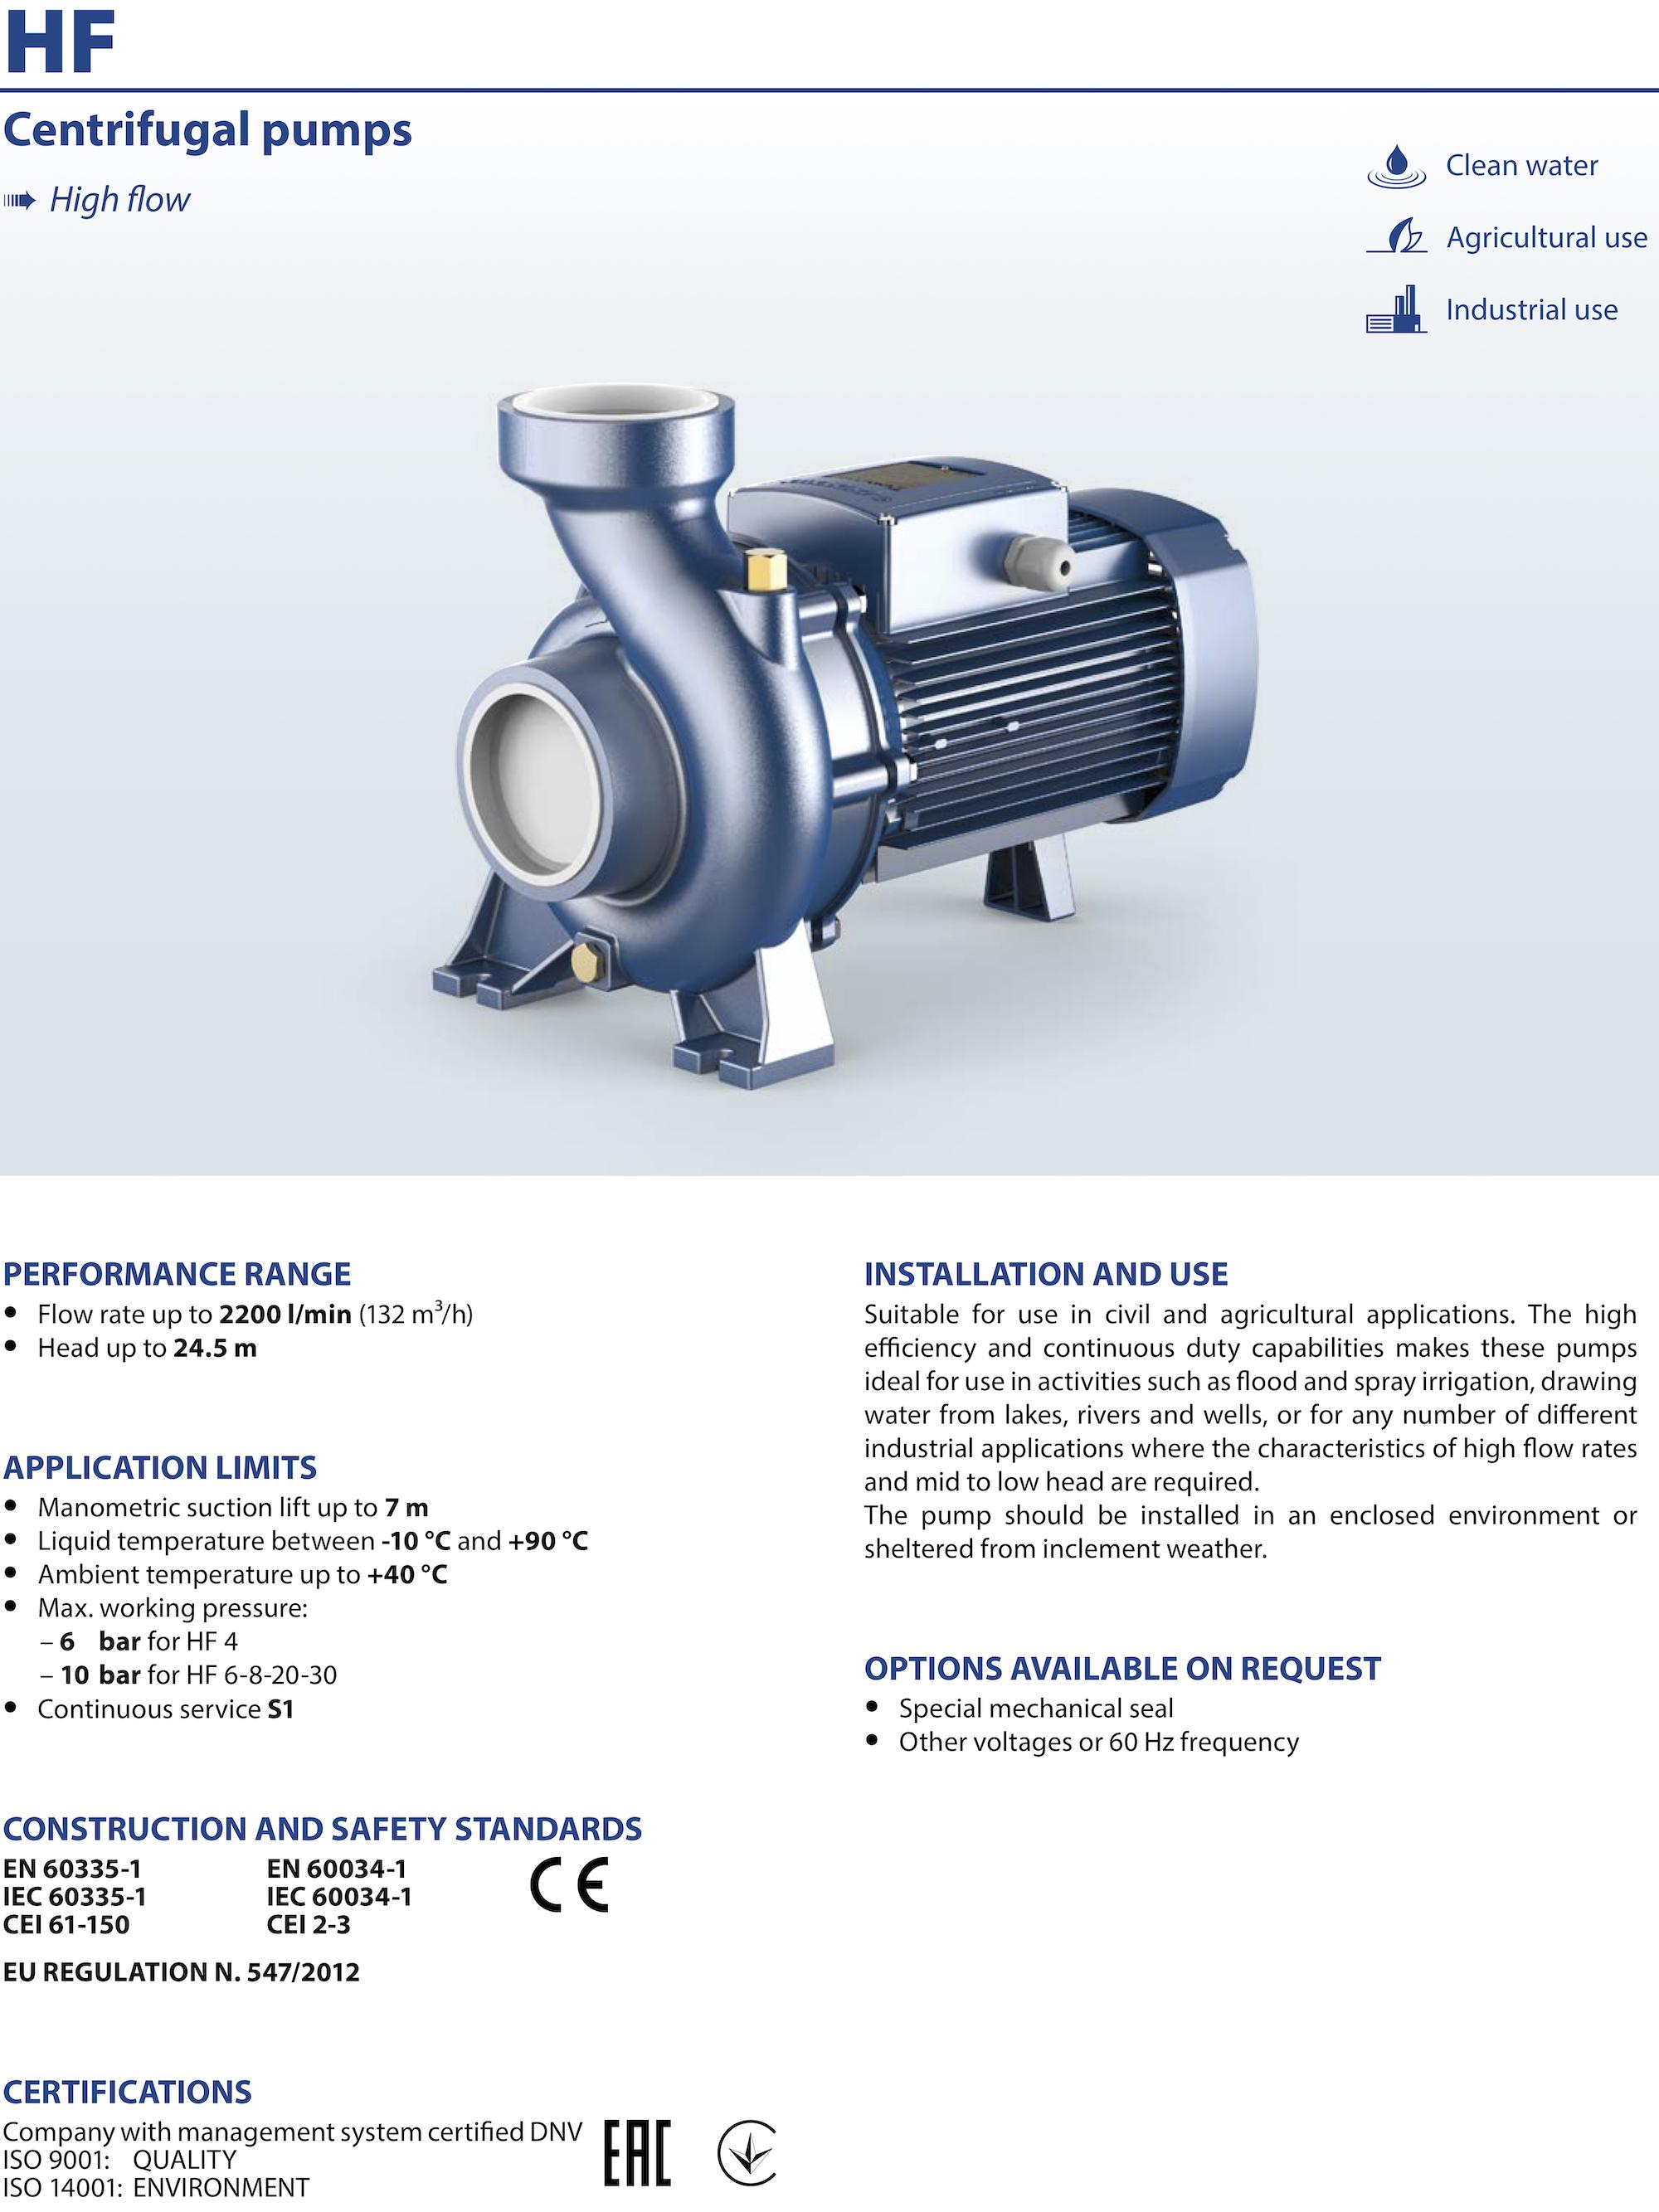 pedrollo centrifugal